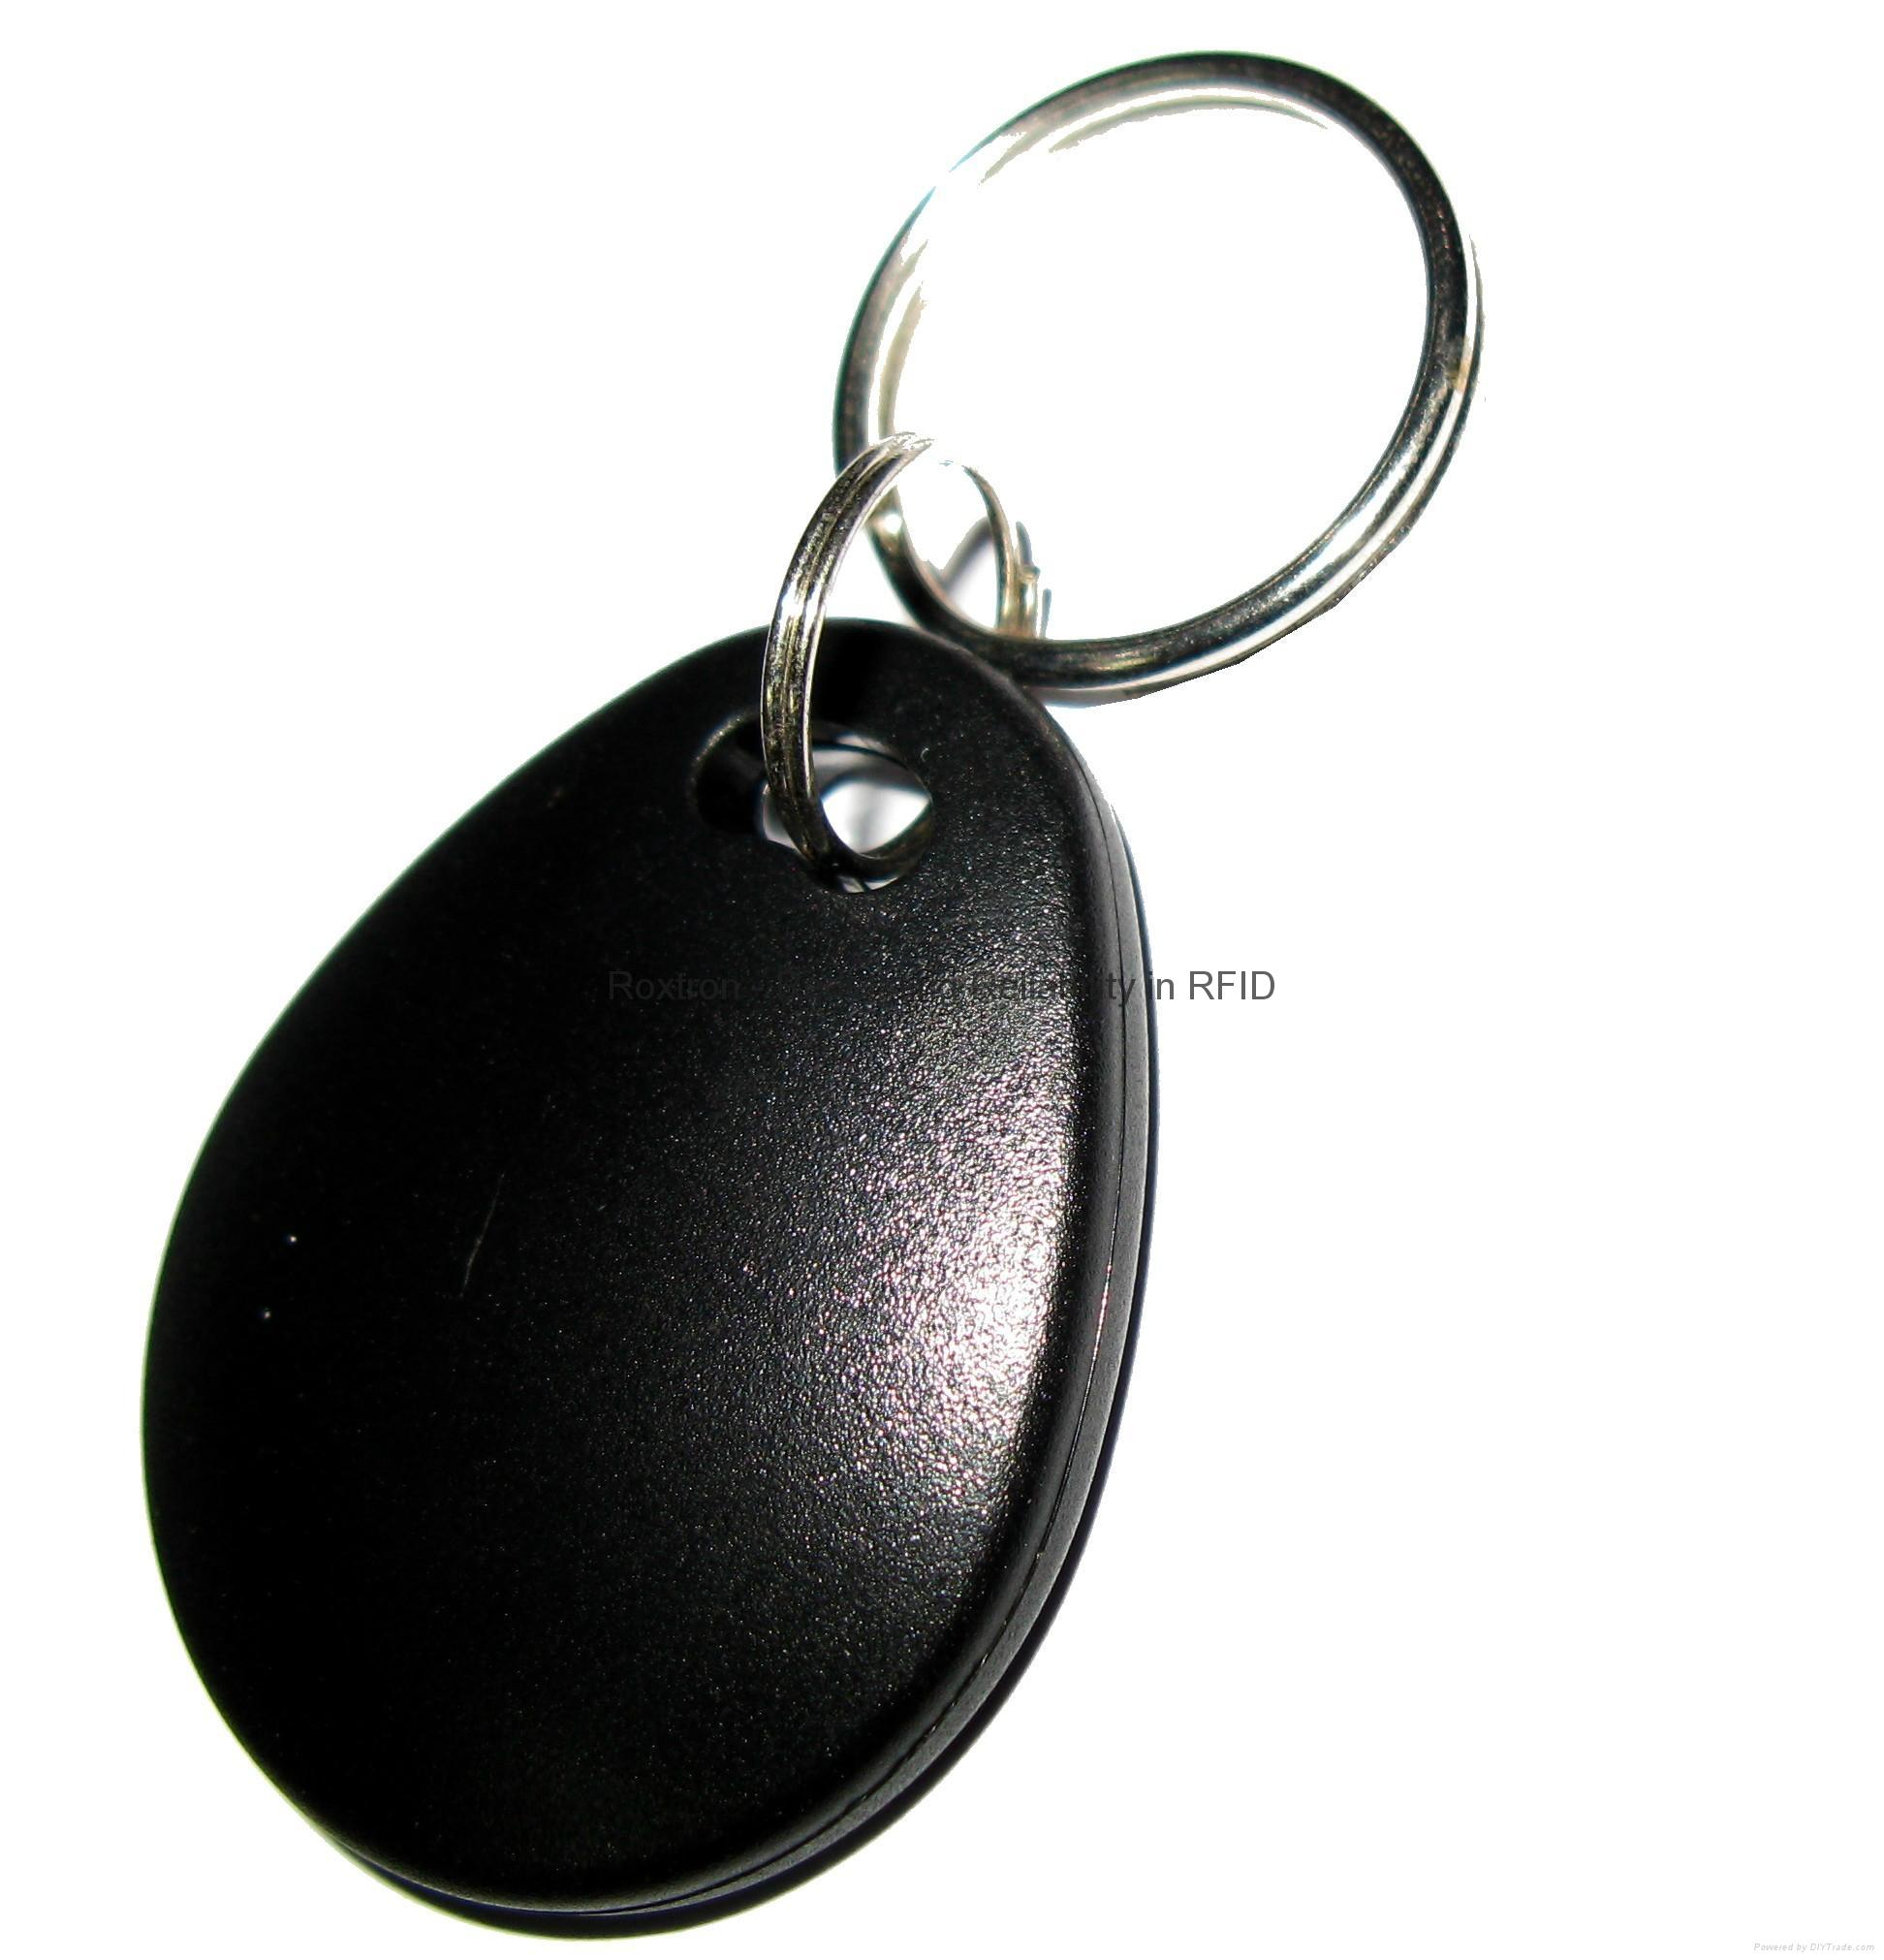 MIFARE Mini RXK03 Key Tag 19